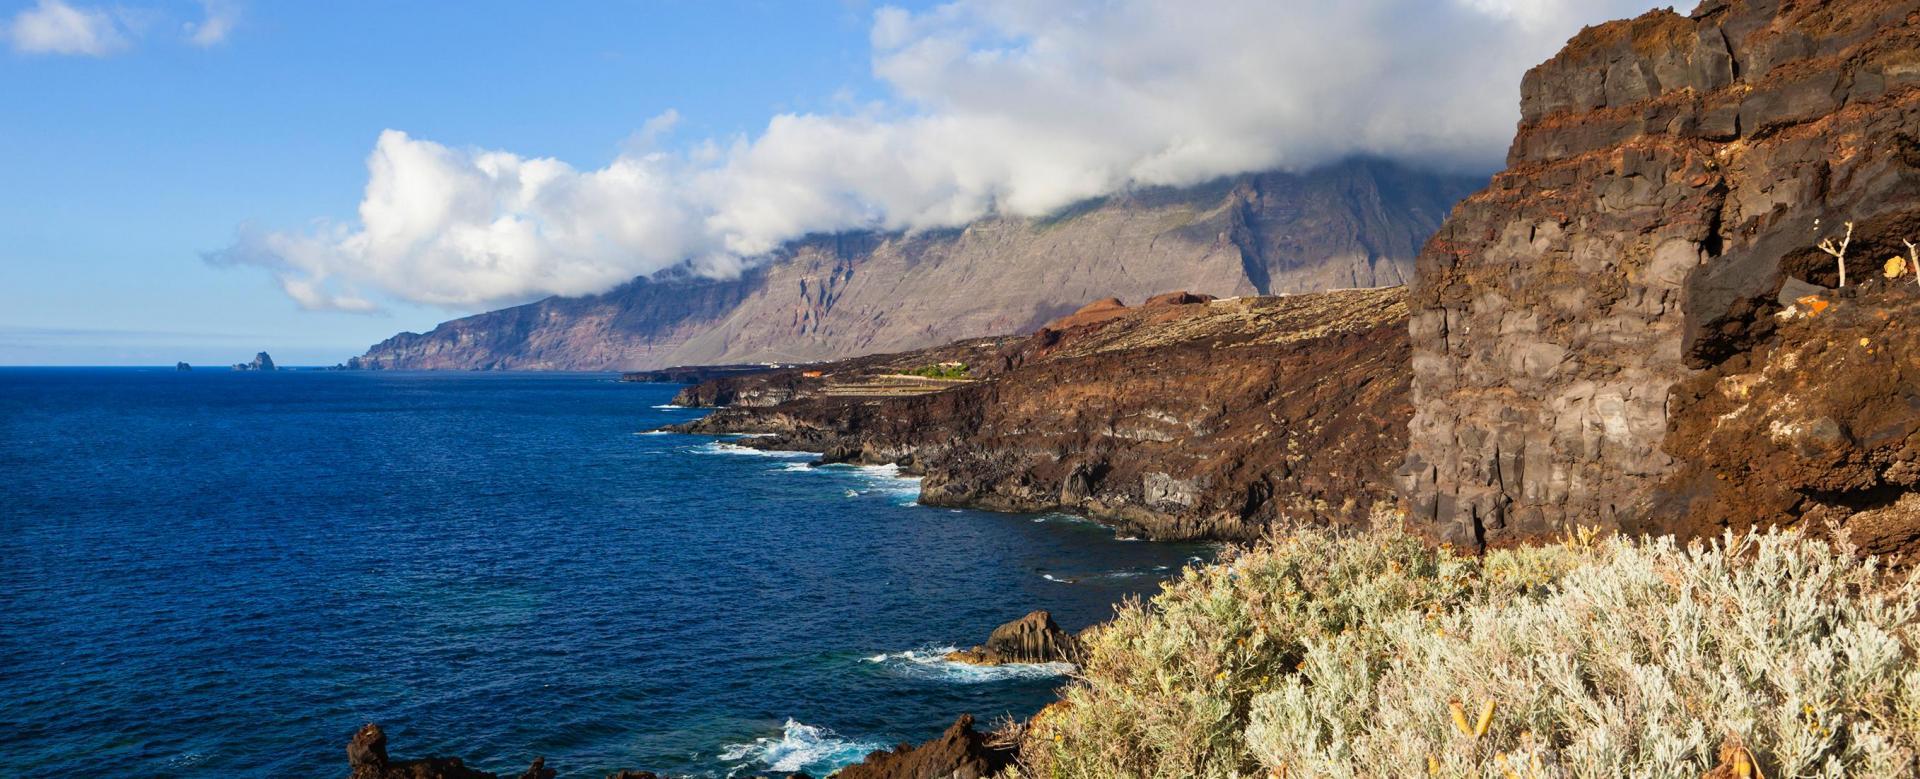 Voyage sur l'eau : El hierro, île préservée